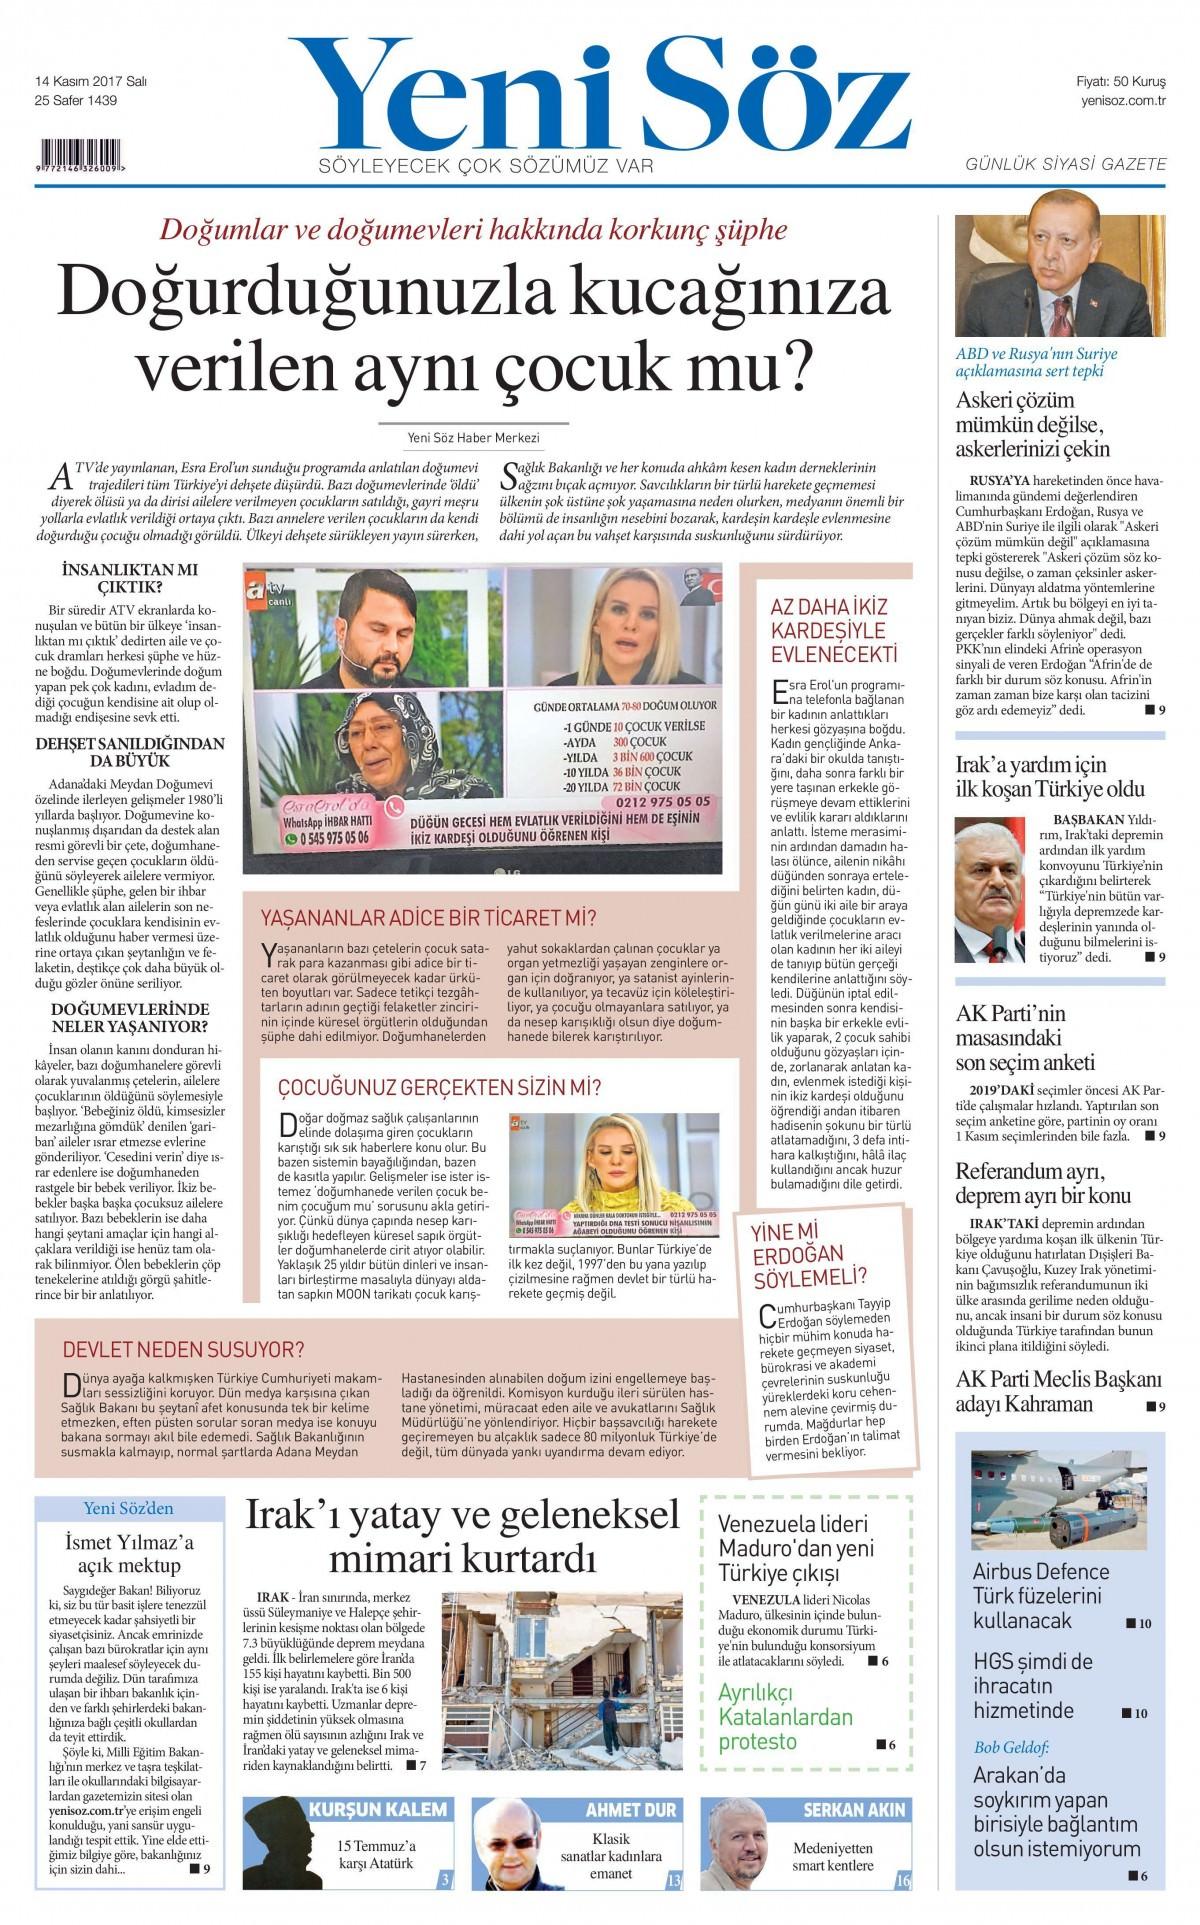 Günün gazete manşetleri! (3 Kasım 2017) 16